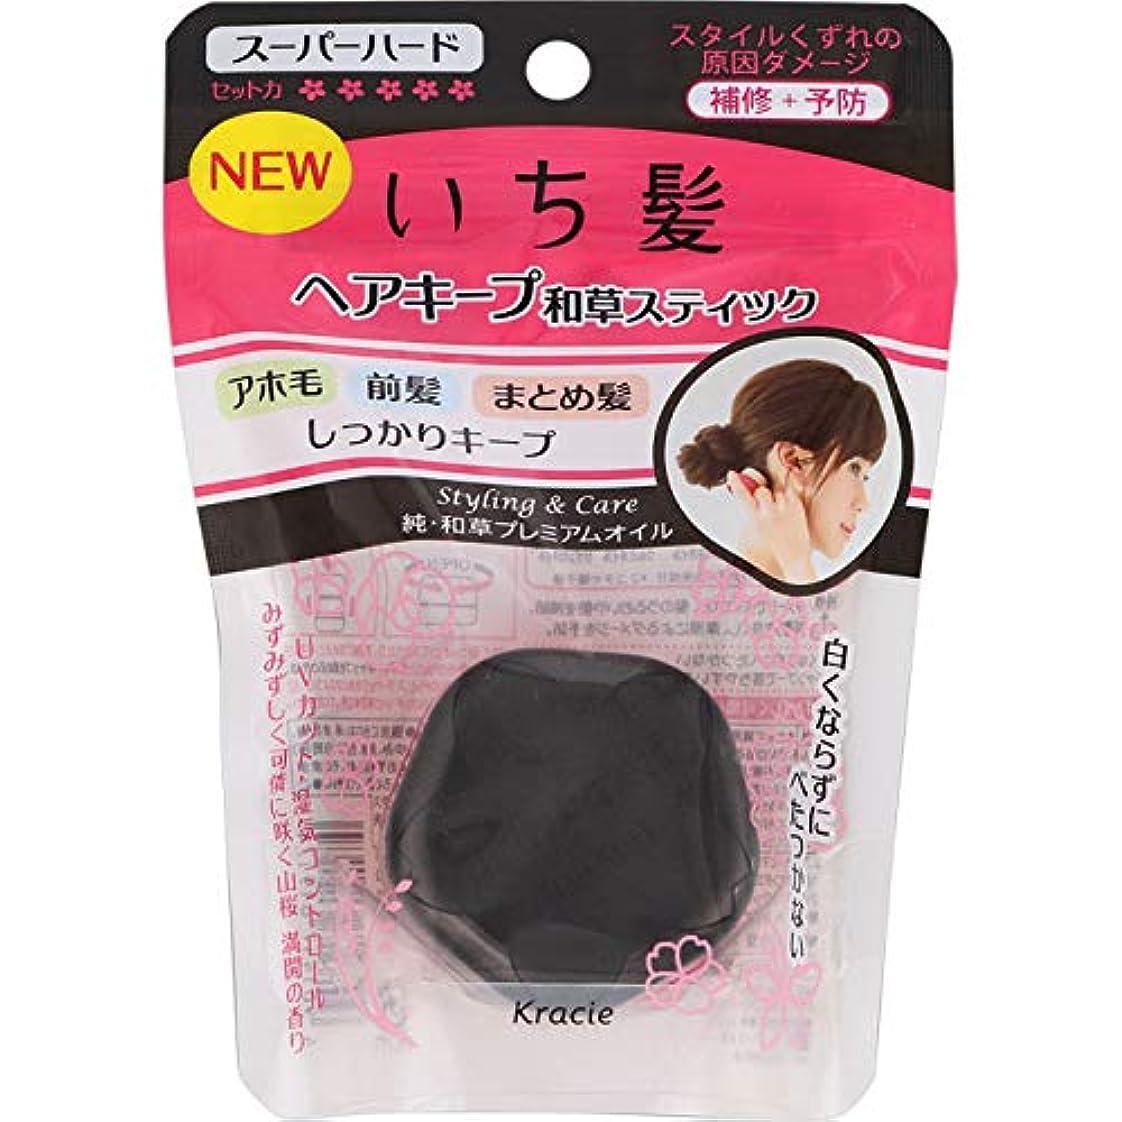 第五定刻リマークいち髪 ヘアキープ和草スティック(スーパーハード) × 10個セット